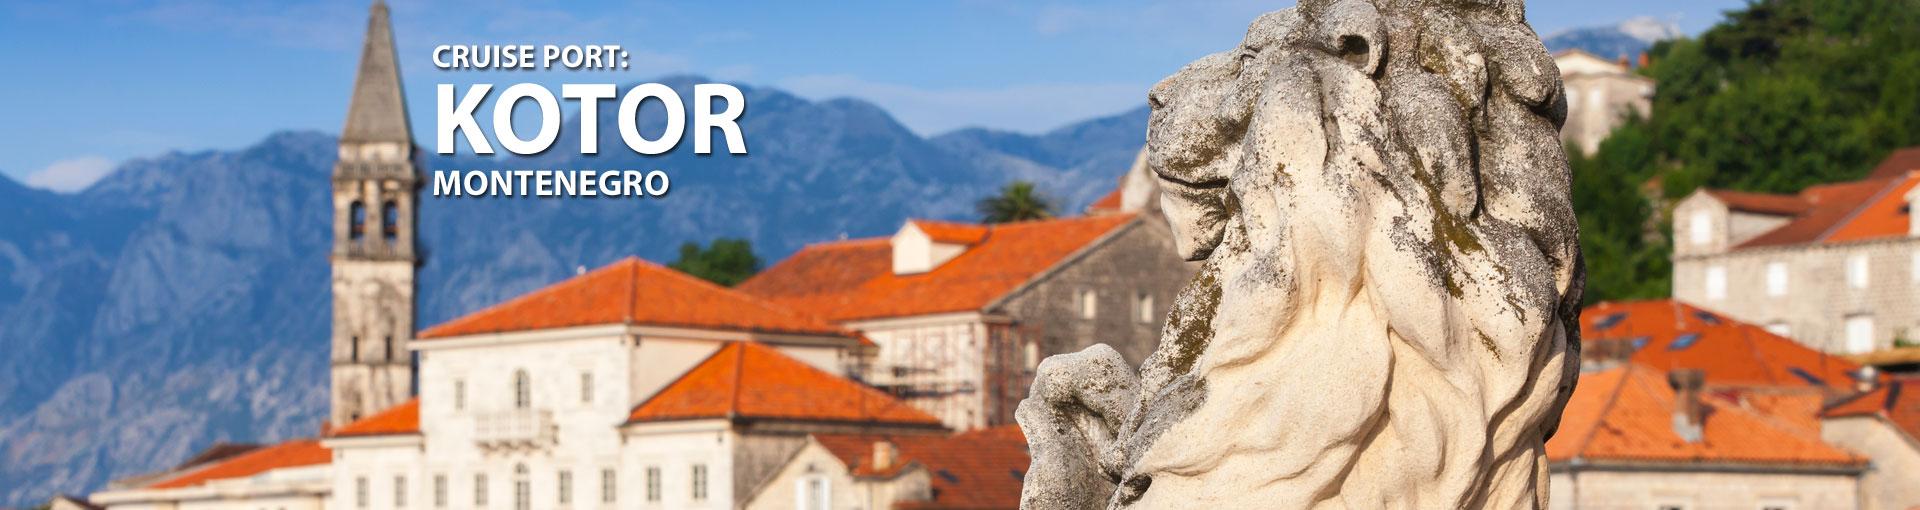 Cruises to Kotor, Montenegro